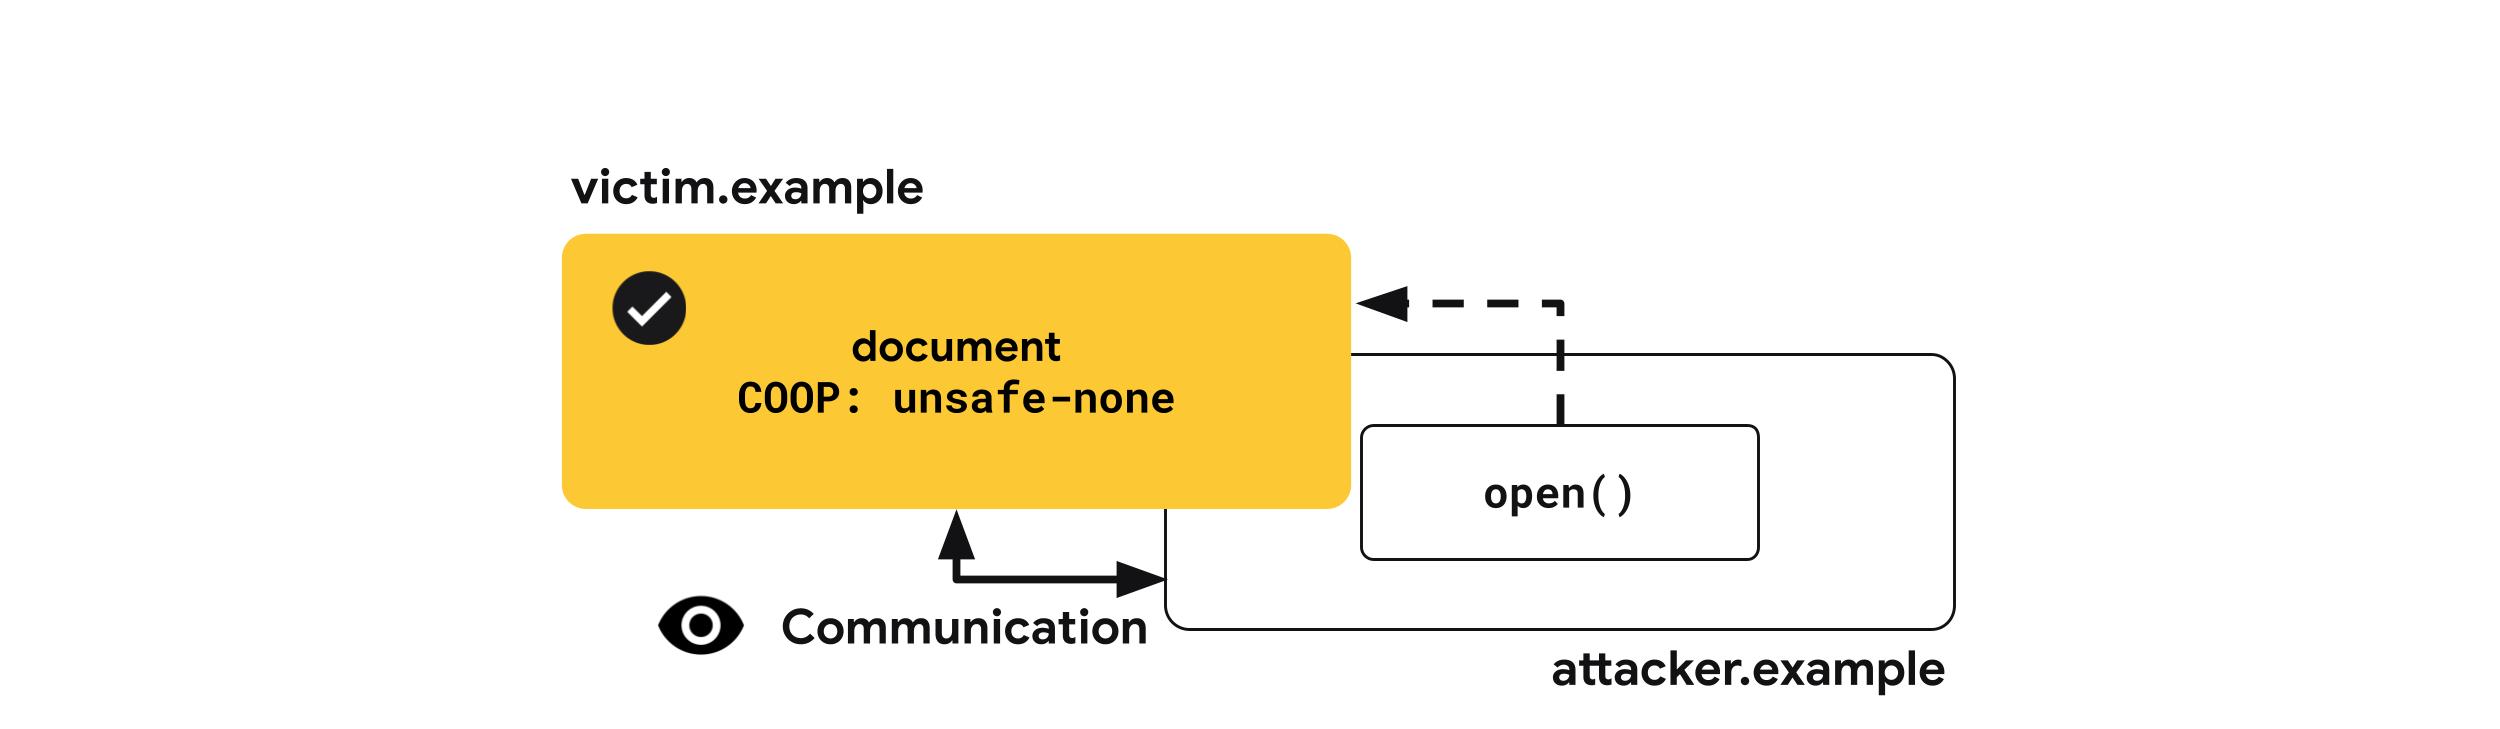 Cross-Origin-Opener-Policy: unsafe-none